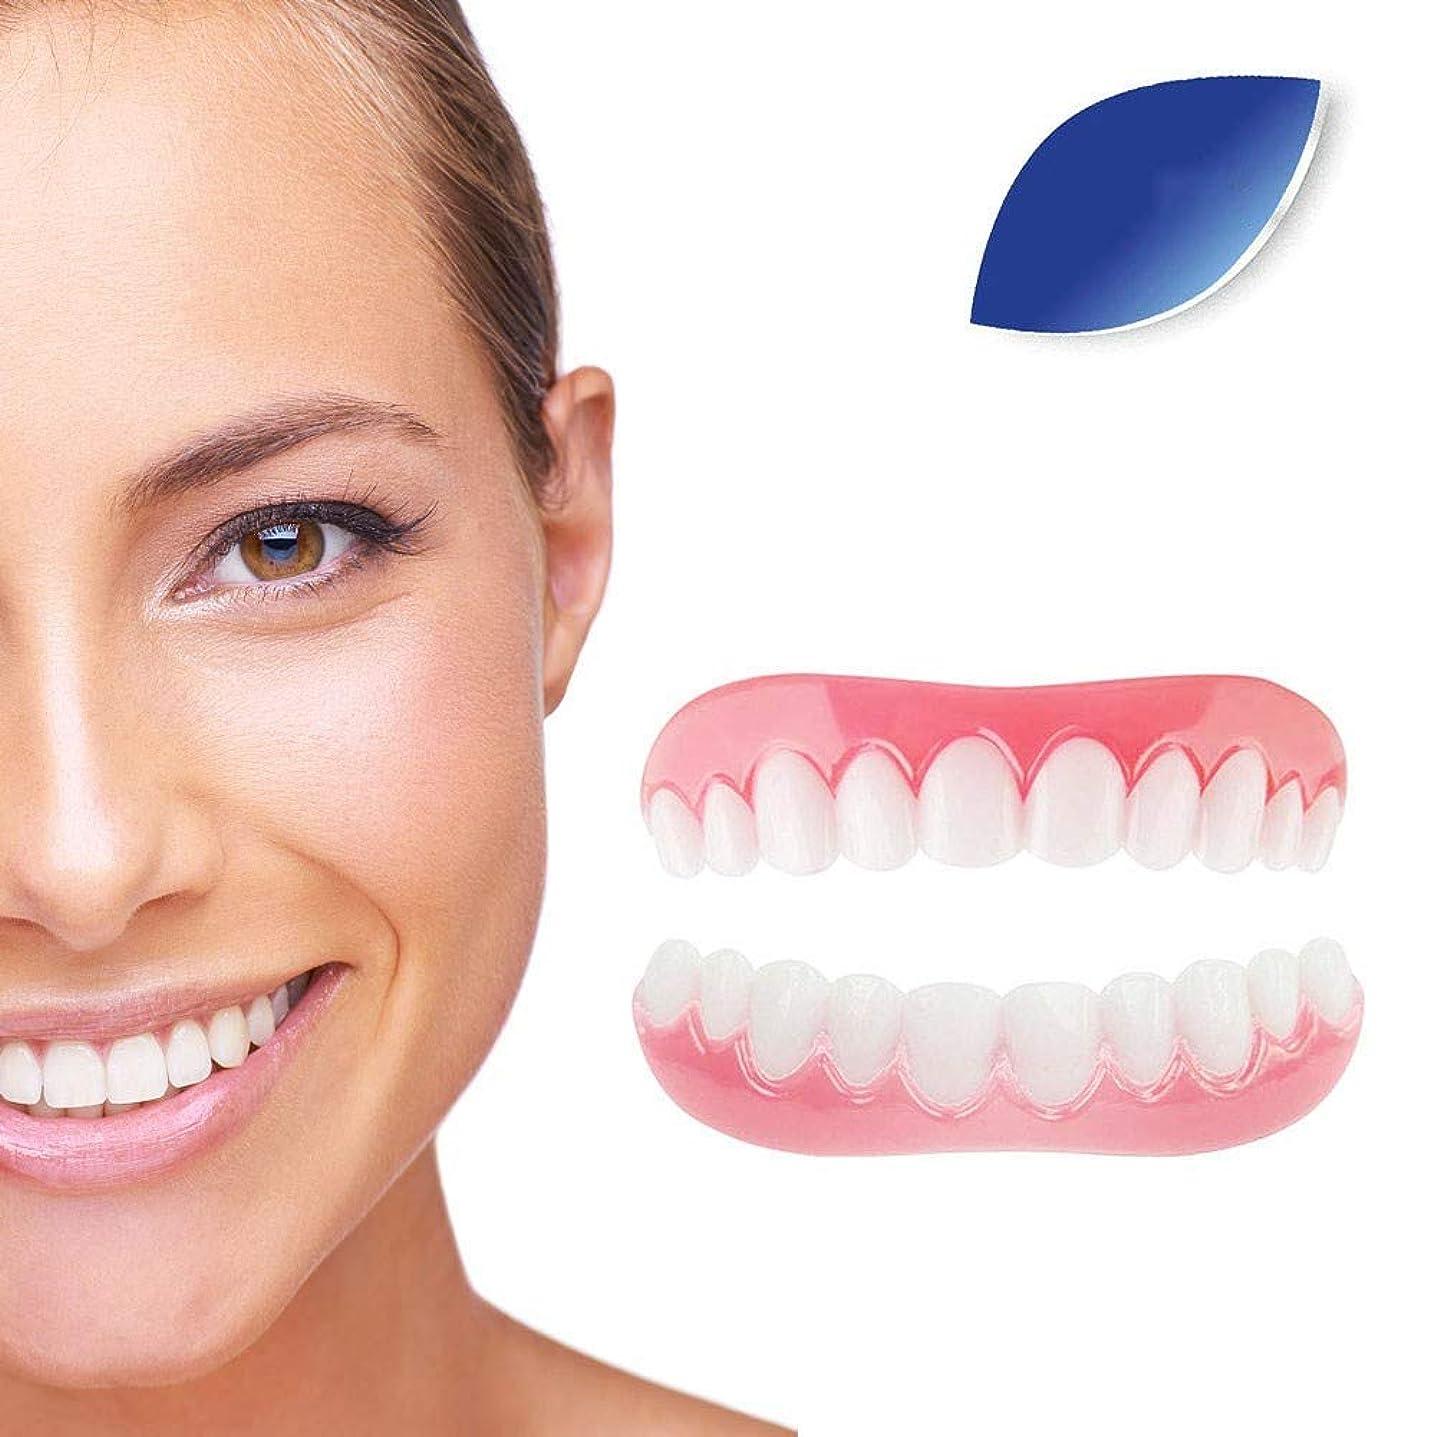 スペード注ぎます綺麗なインスタントブレースの歯のスナップキャップを白くする快適フィット義歯の上のベニヤの笑顔ワンサイズ最もフィットする(上と下用),6Pairs